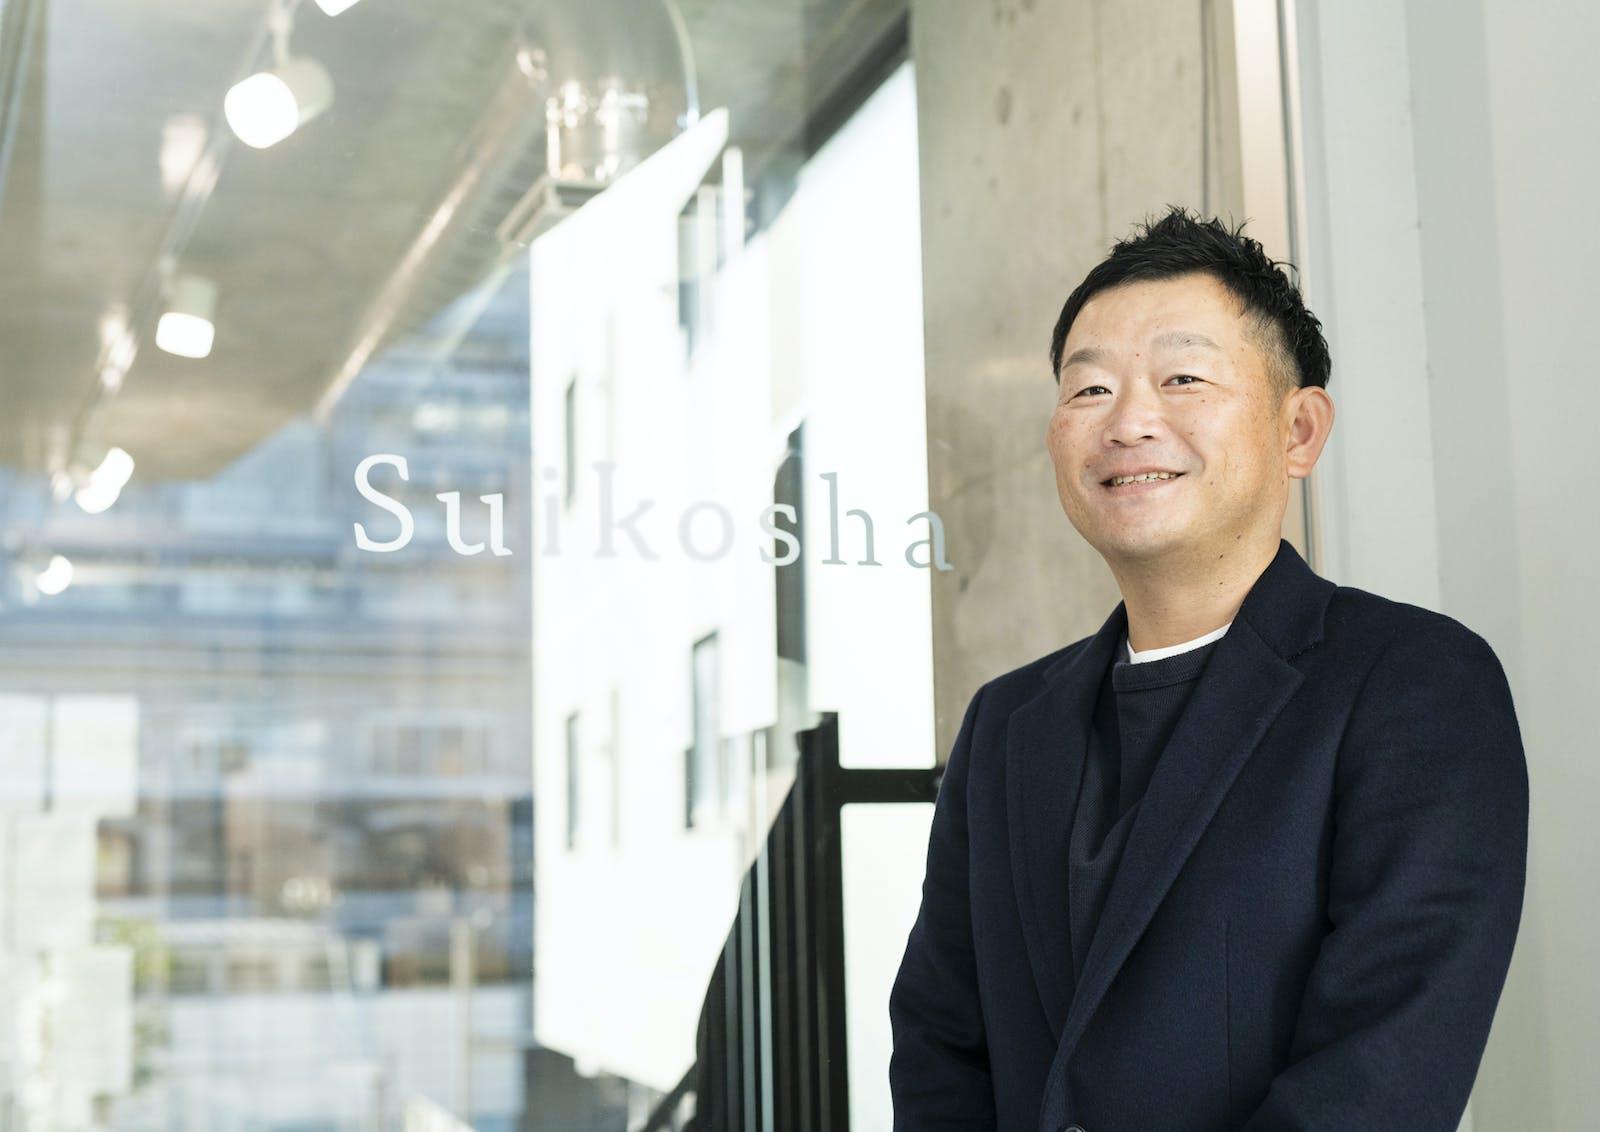 株式会社Suikoshaのアイキャッチ画像